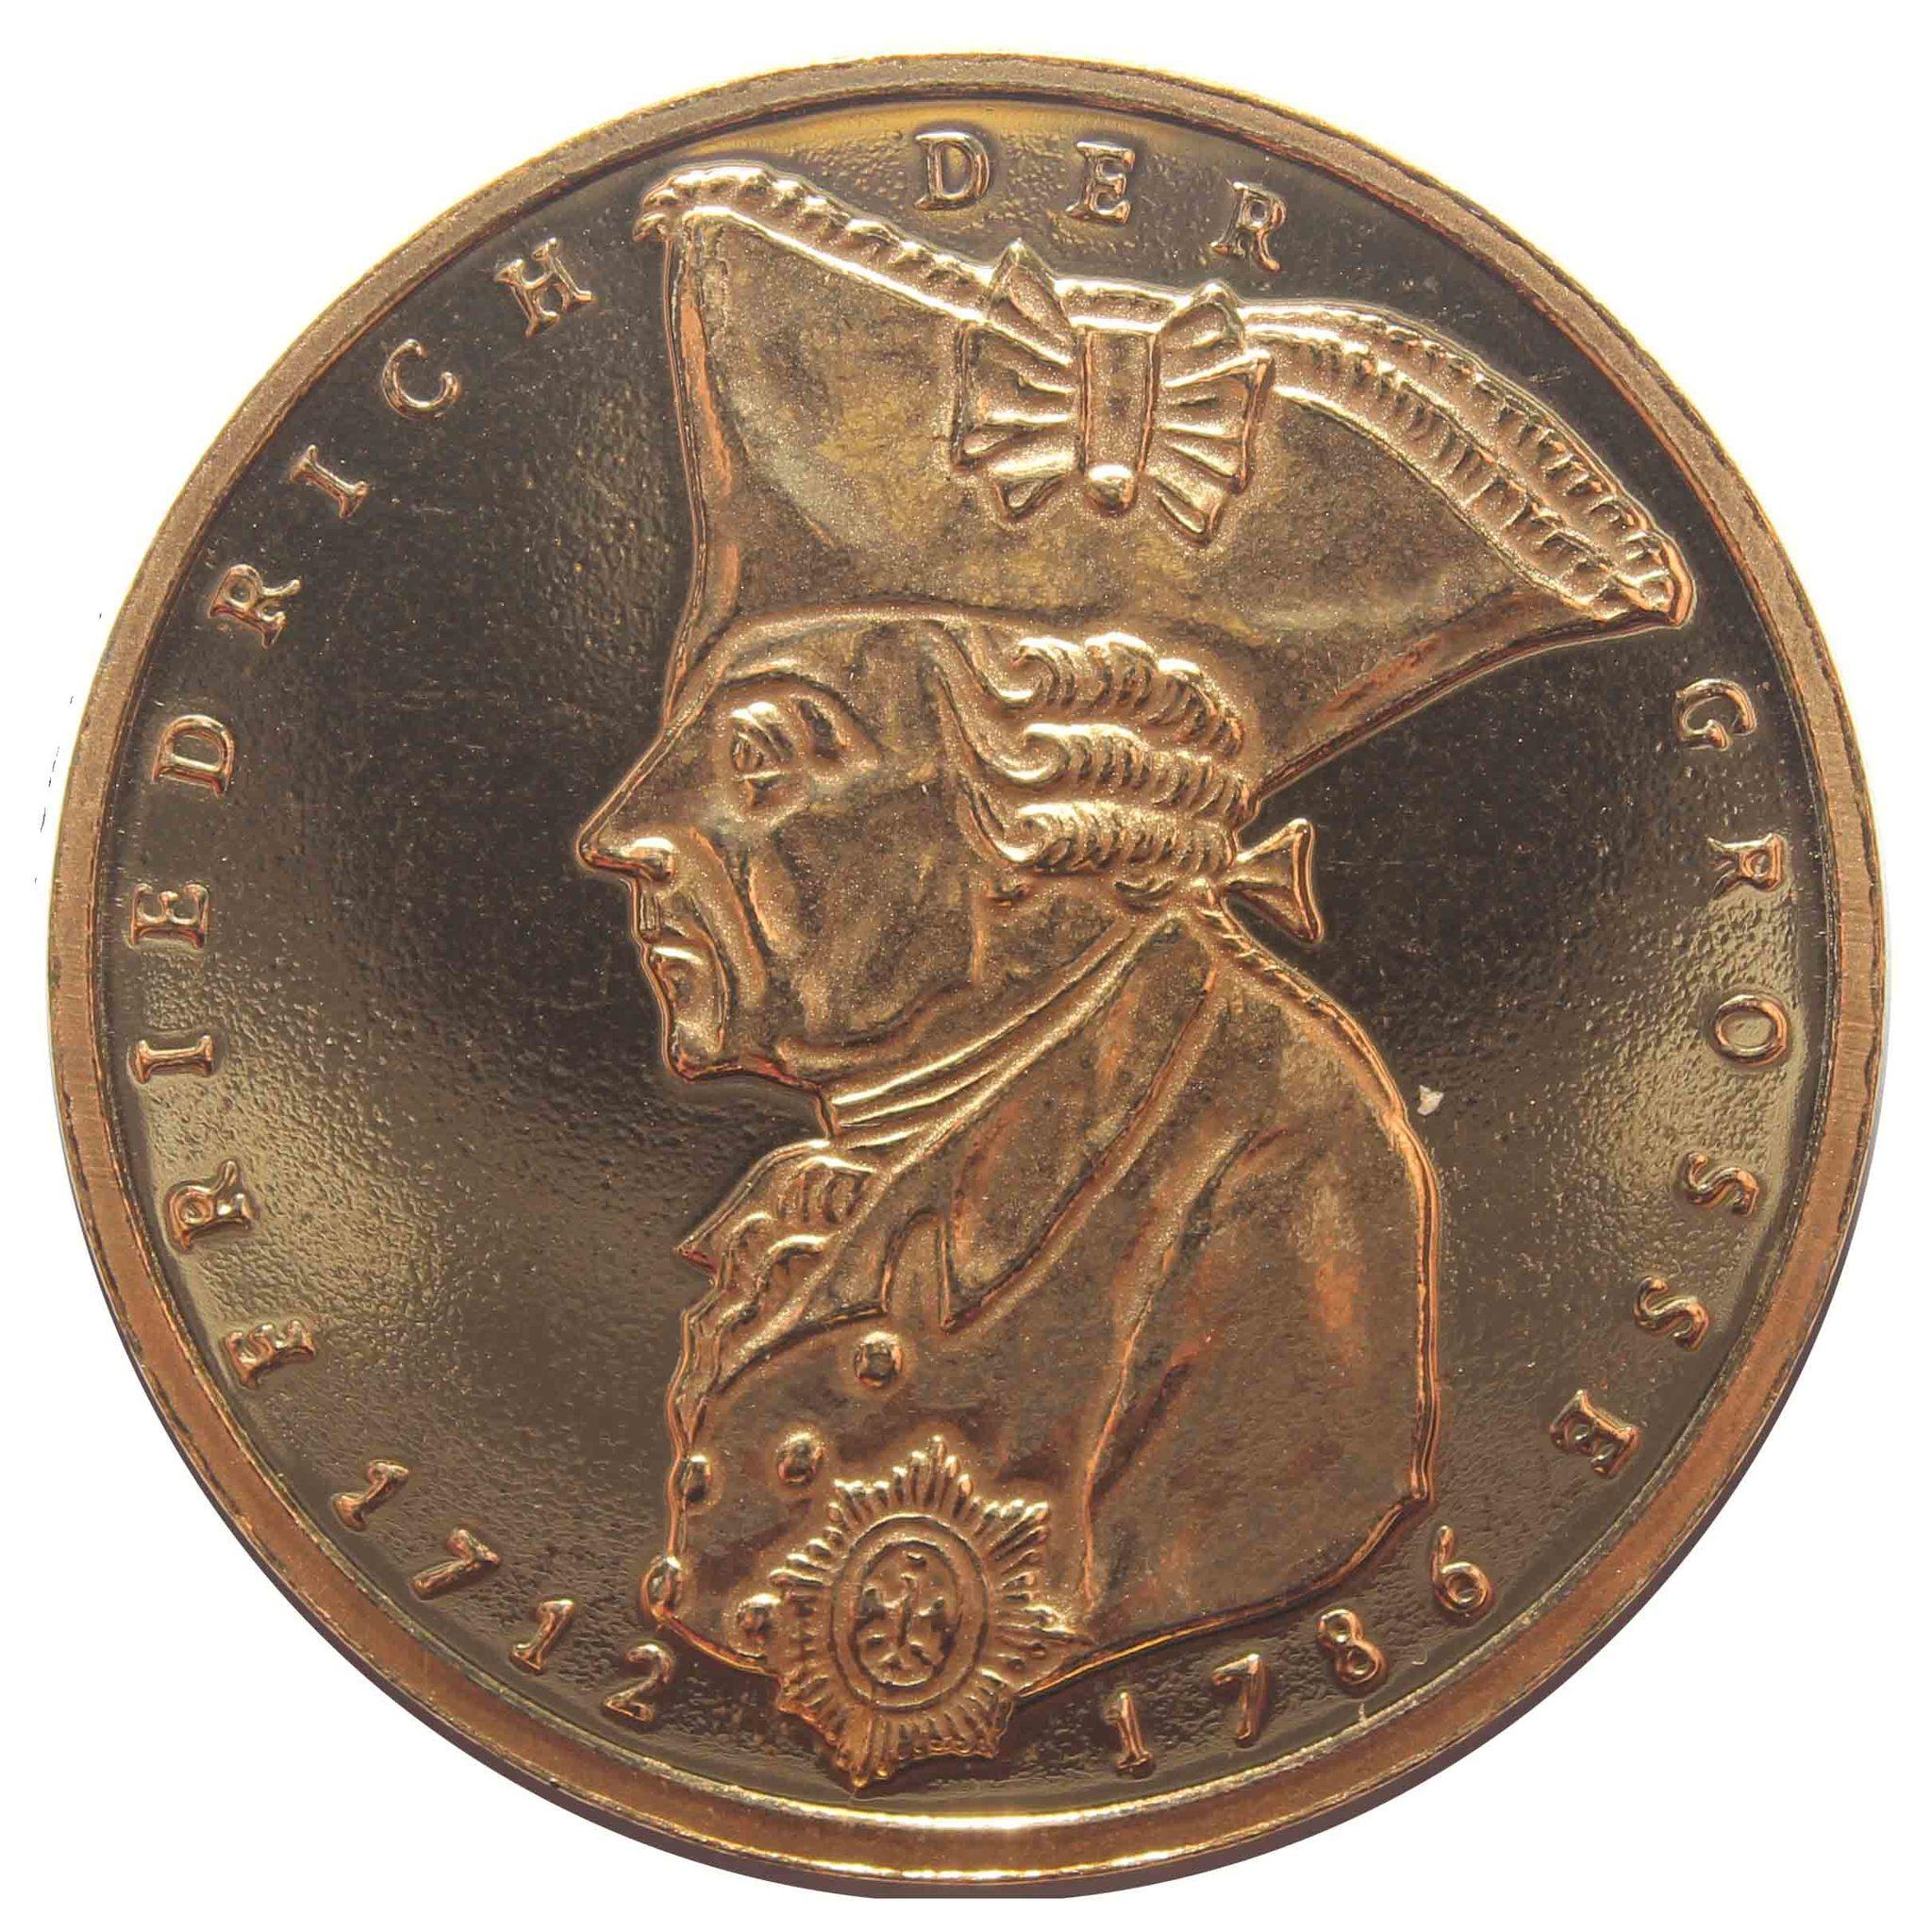 5 марок. 200 лет со дня смерти Фридриха II Великого. (F) Германия. Медноникель с позолотой. 1986 г. UNC